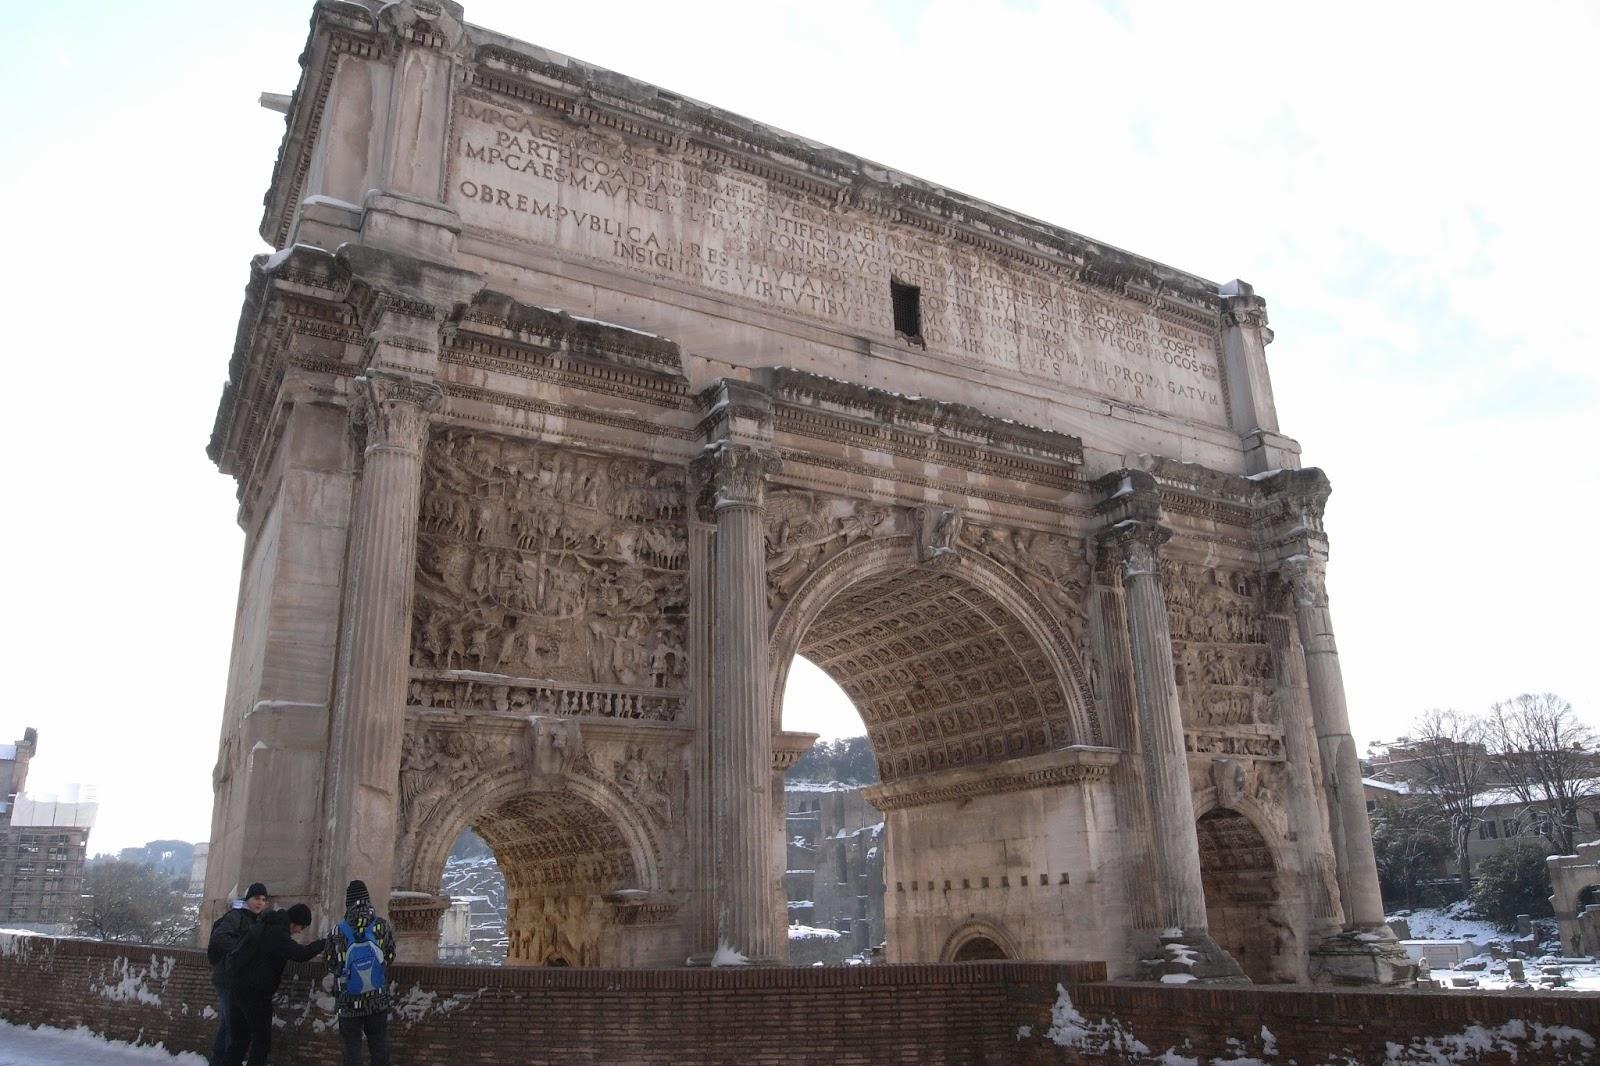 セプティミウス・セウェルスの凱旋門(Arcus Septimii Severi)